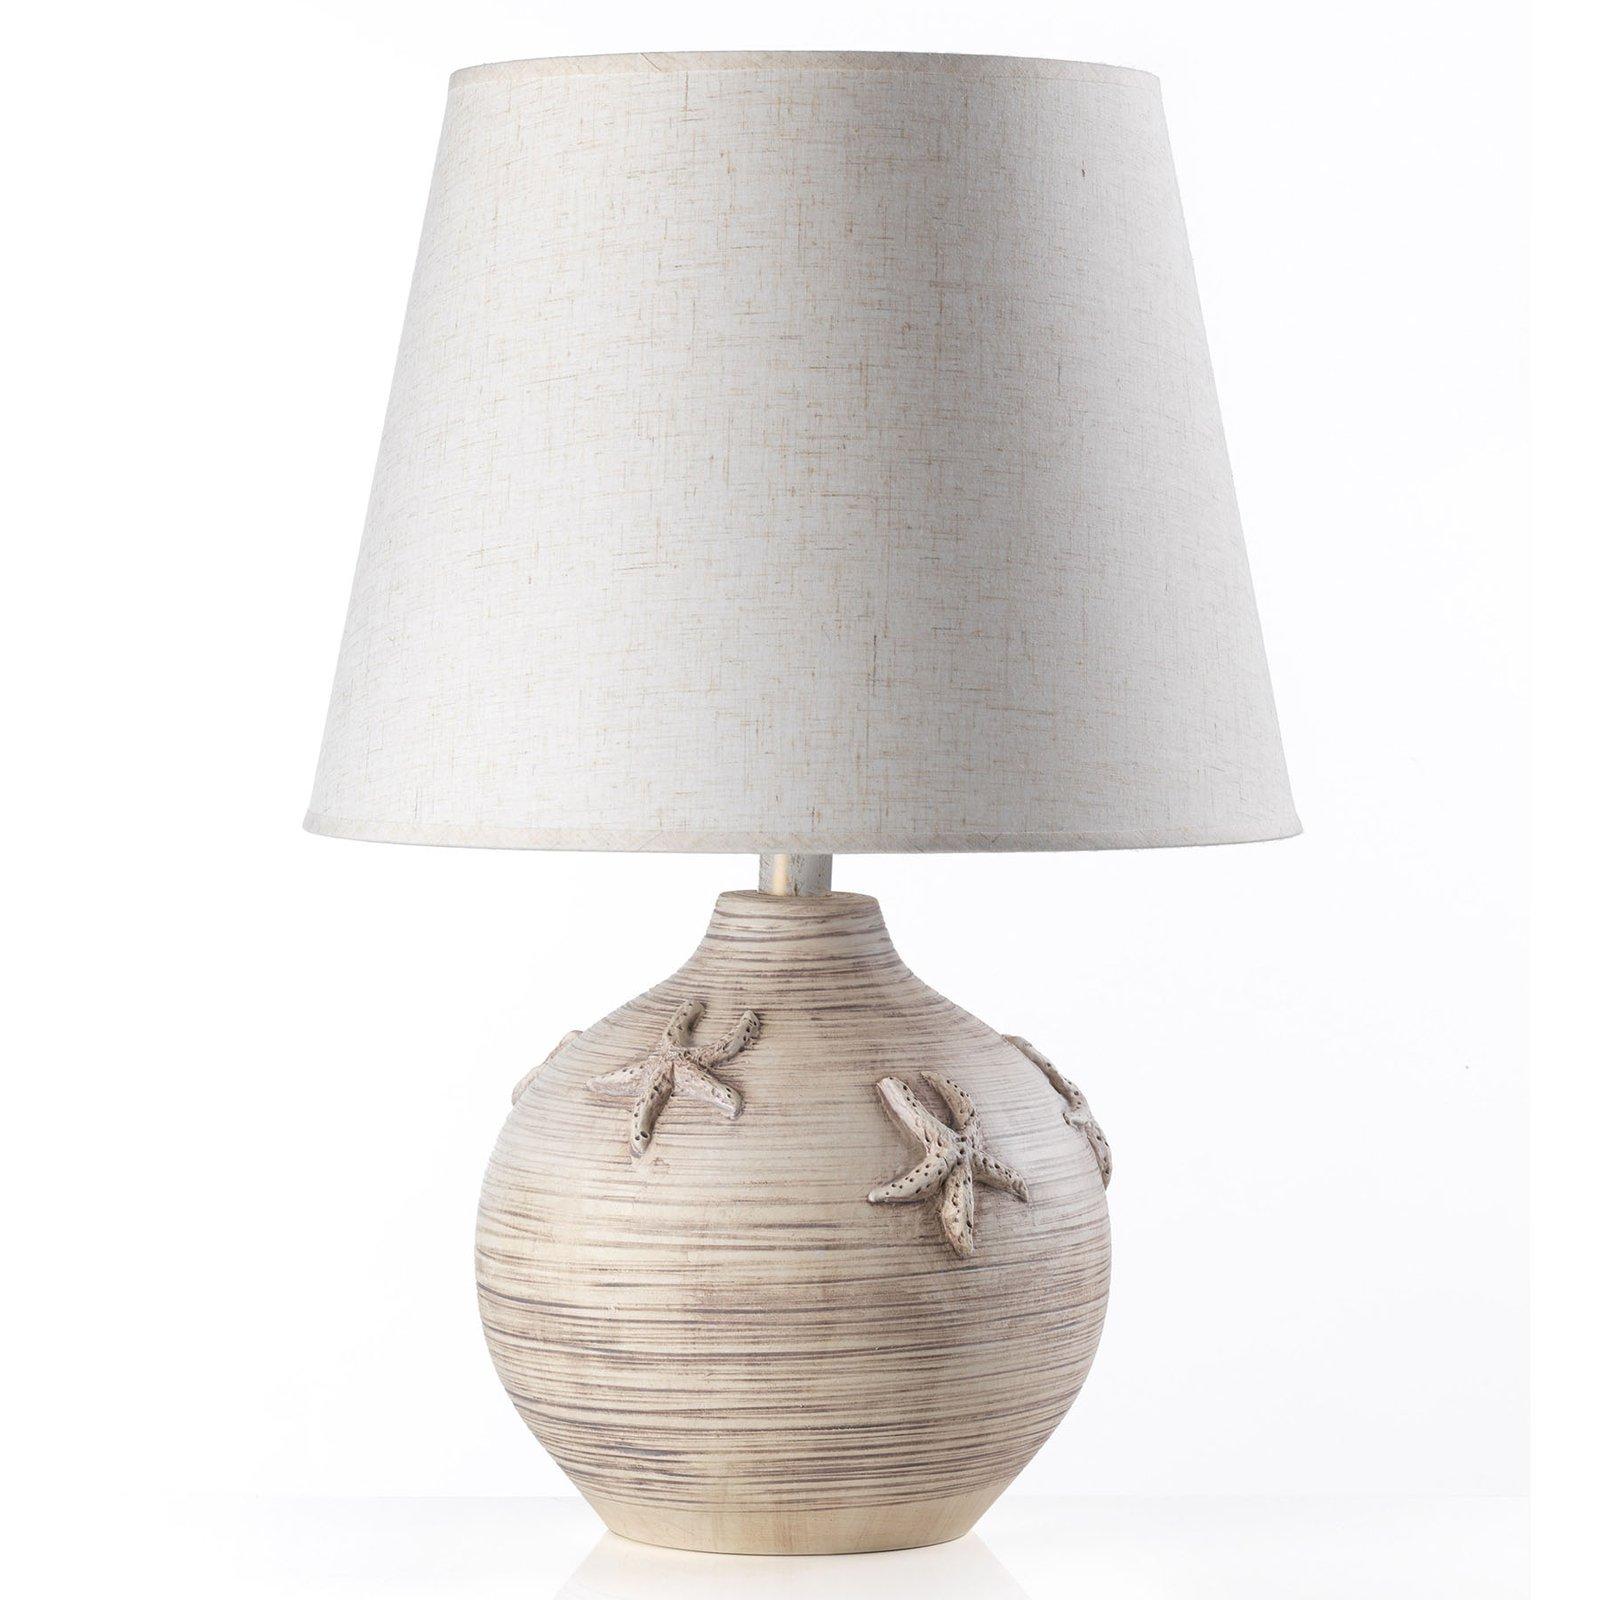 Bordlampe Marina, høyde 61 cm, sjøstjerne-deko